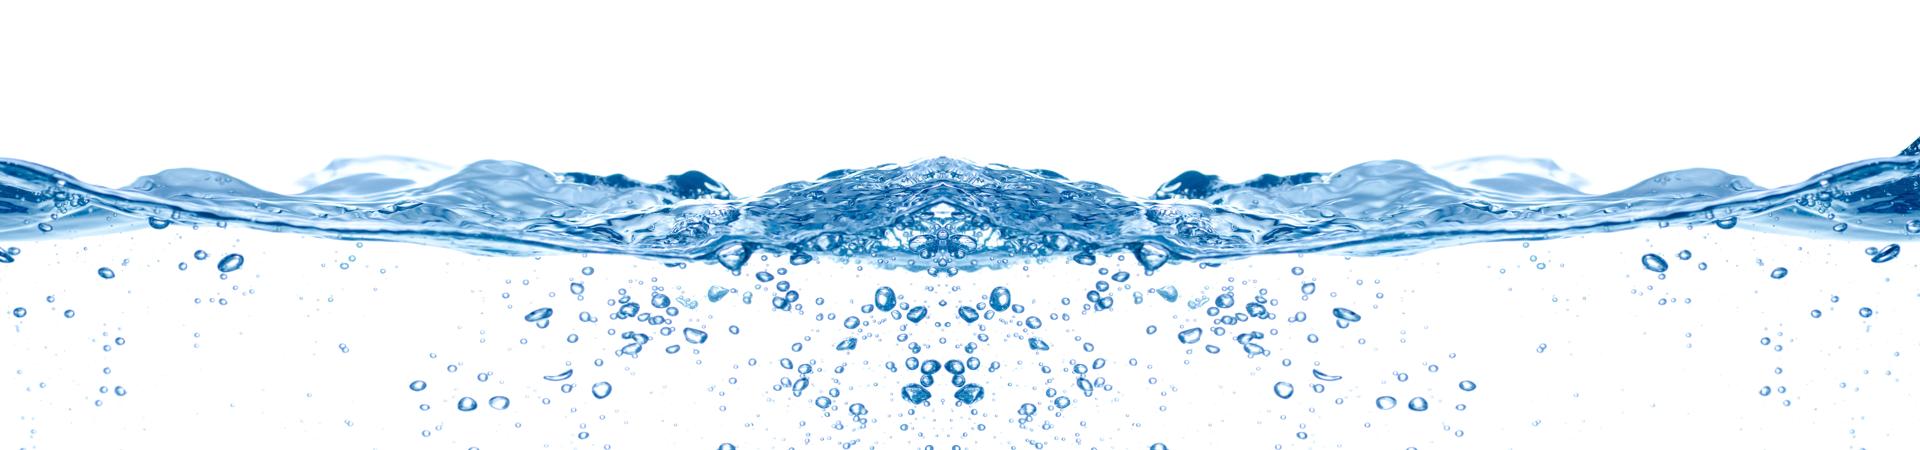 Banner Wasser und Abwasser 2 1920x450px | SEGNO